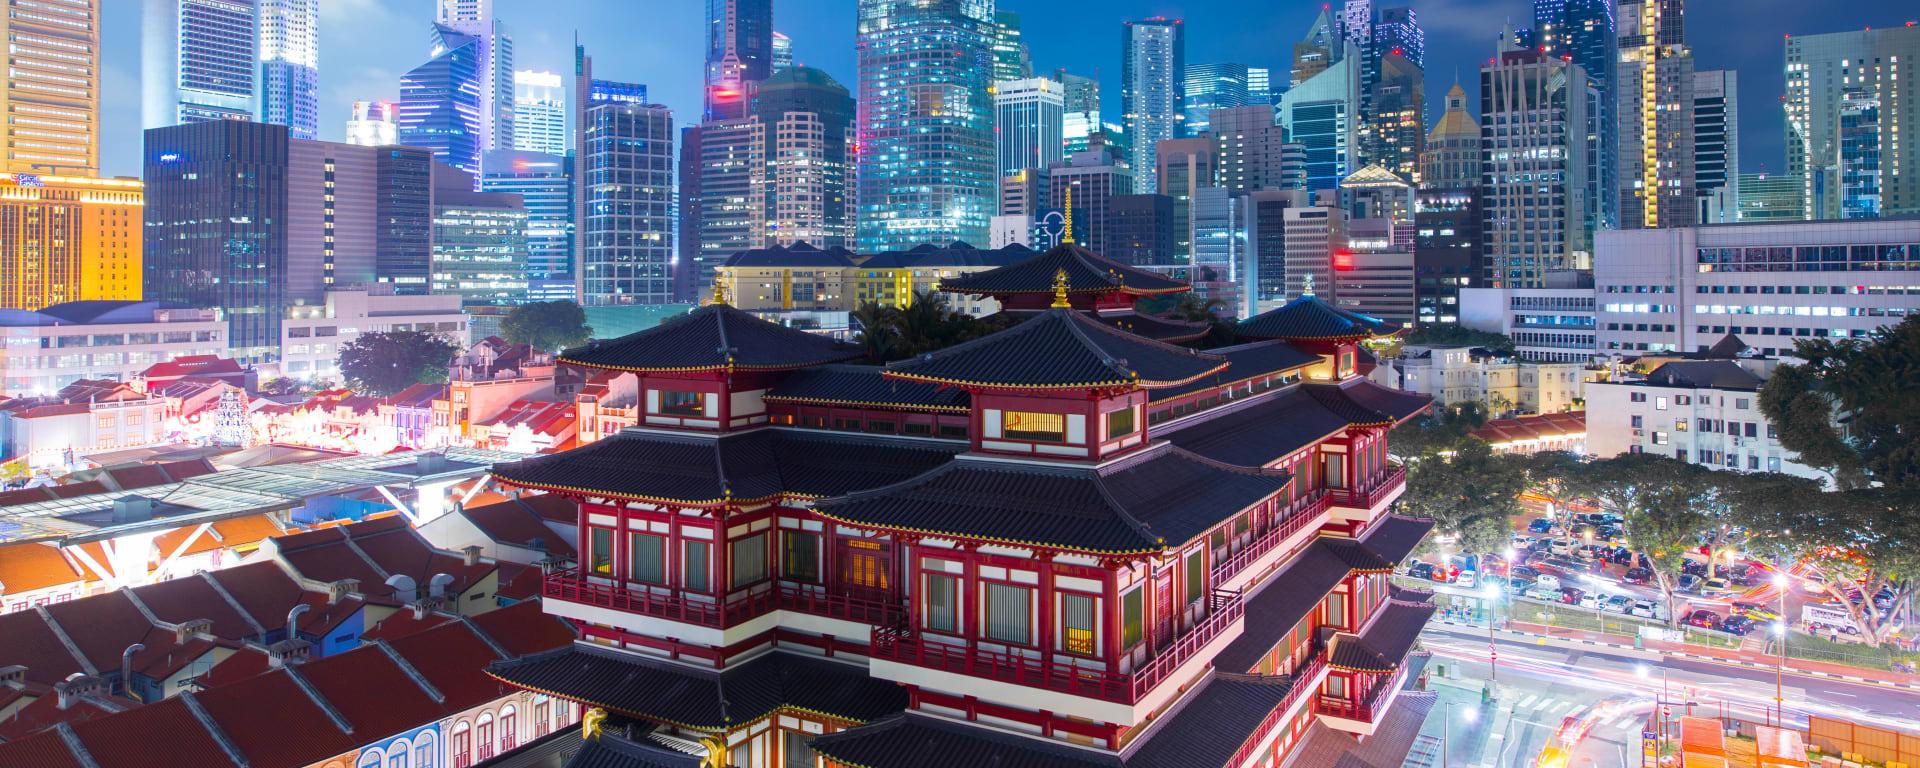 Singapur entdecken mit Tischler Reisen: Singapur Chinatown Tempel